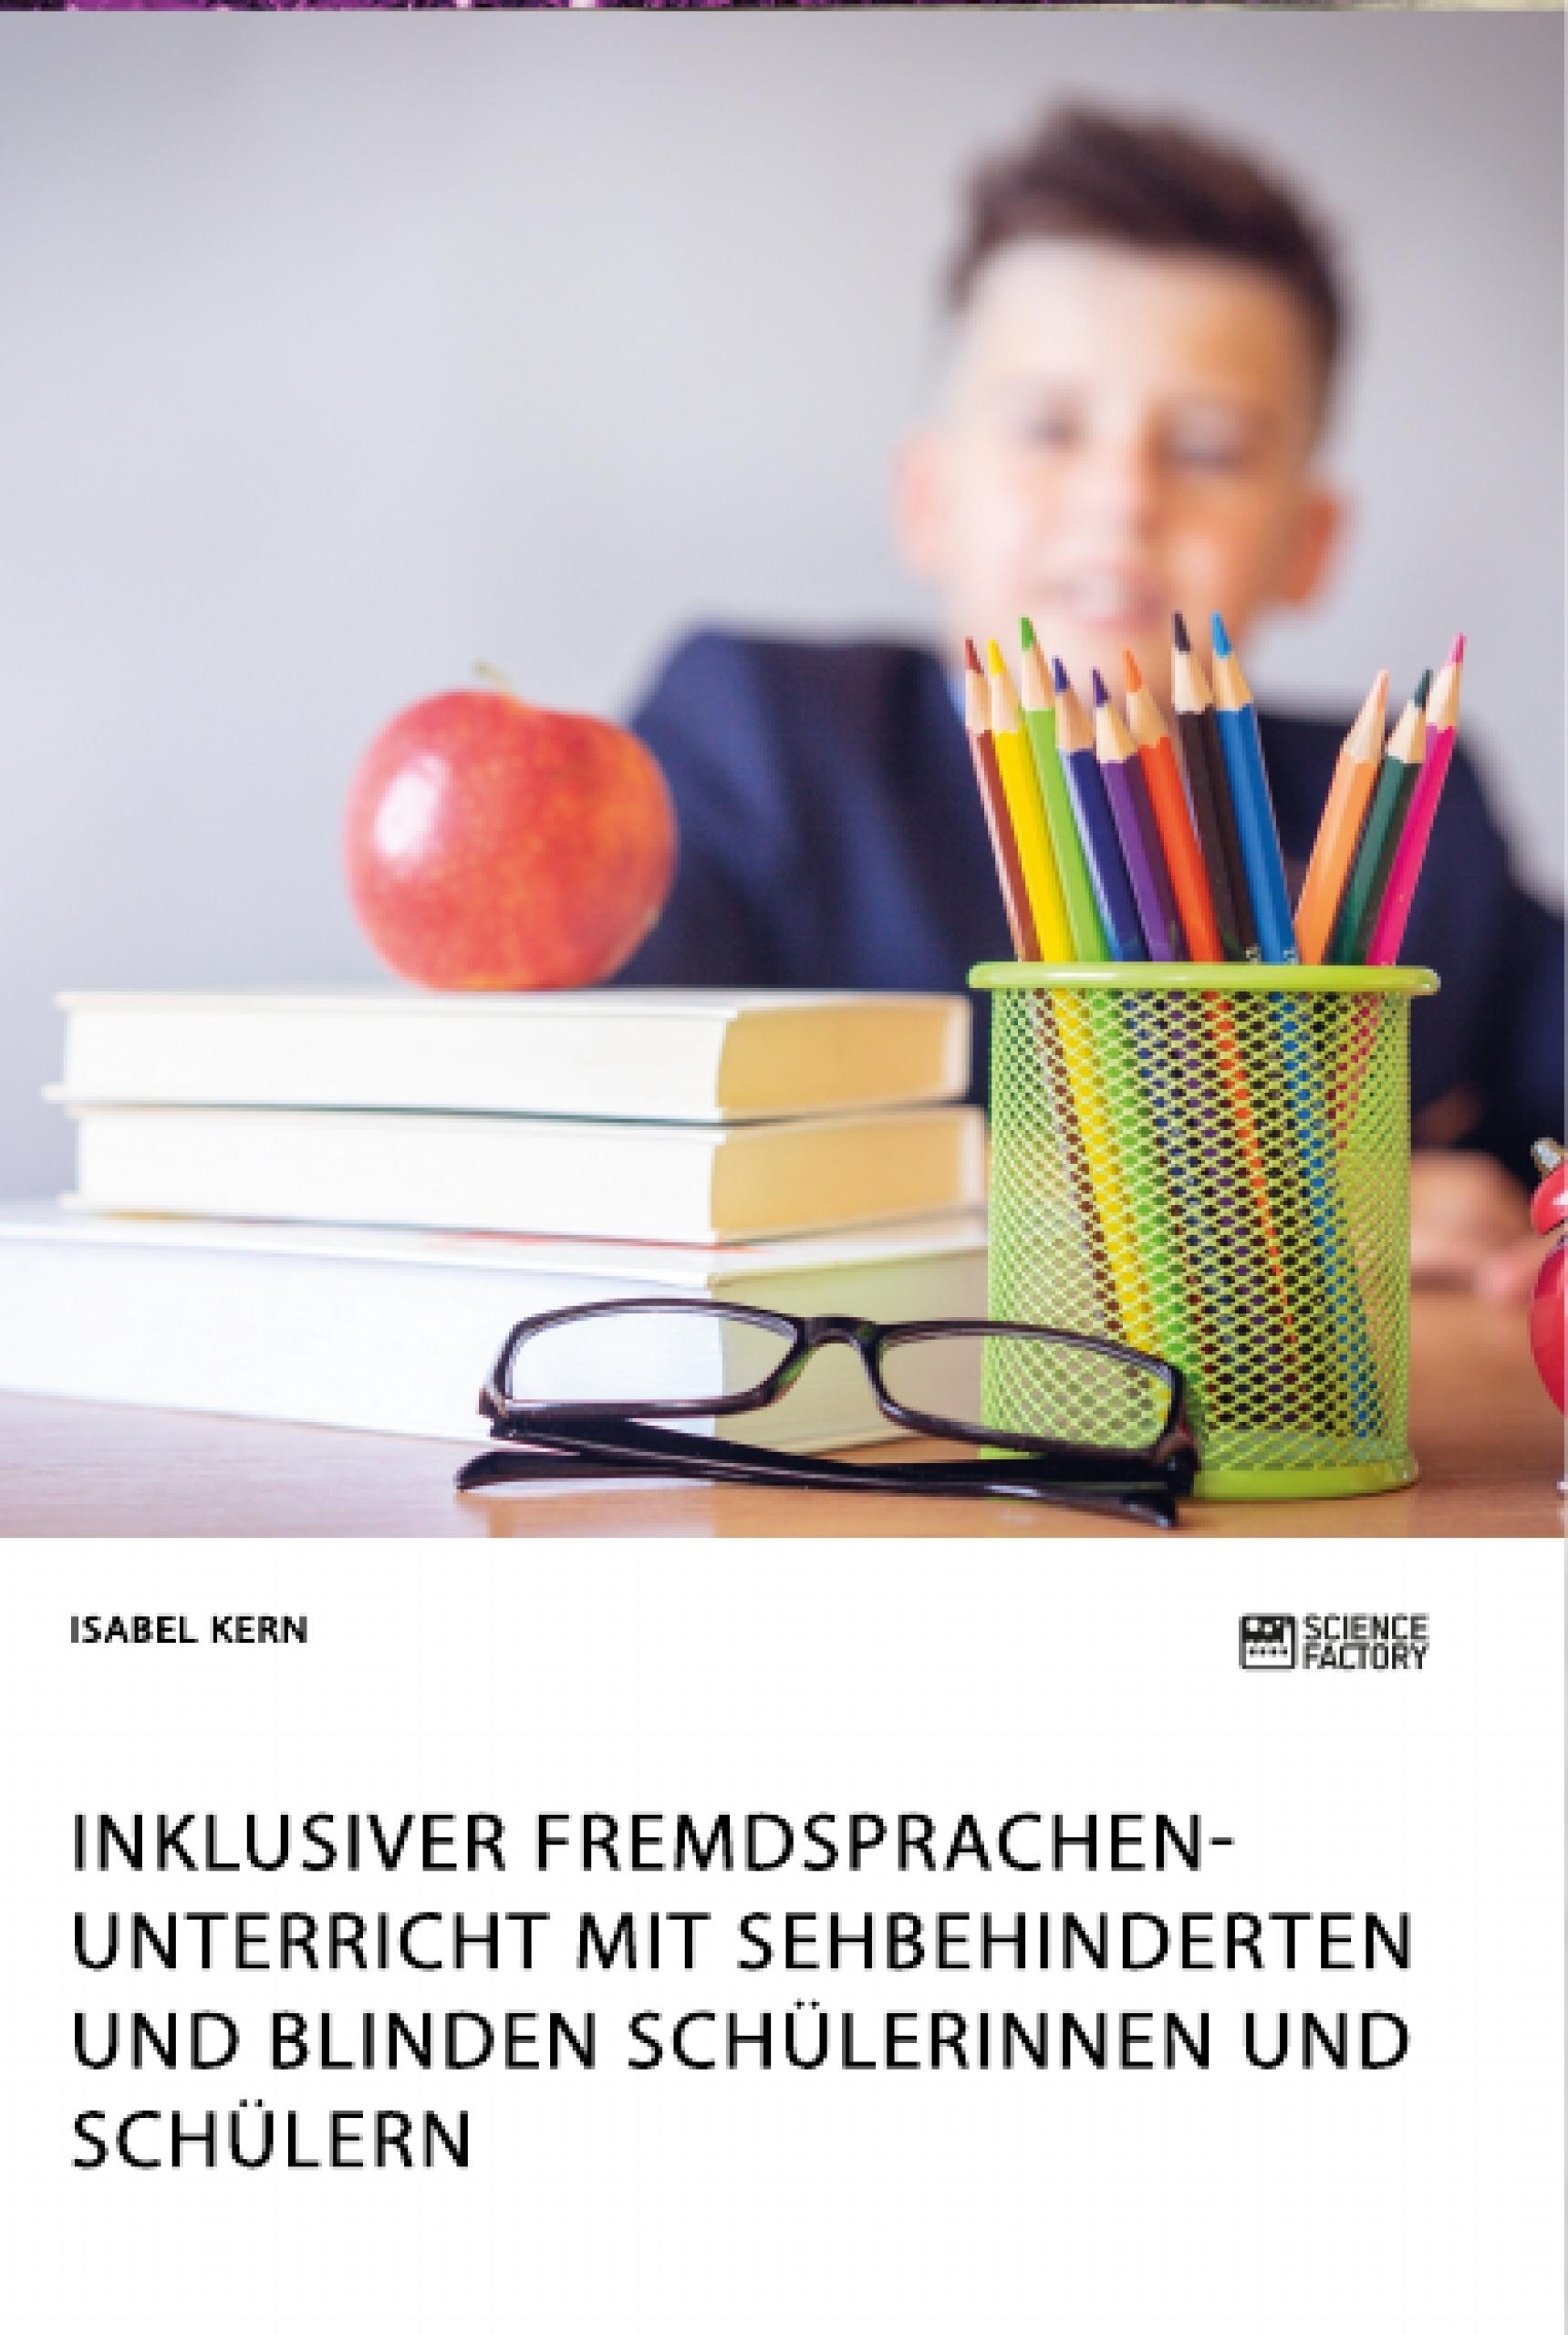 Titel: Inklusiver Fremdsprachenunterricht mit sehbehinderten und blinden Schülerinnen und Schülern